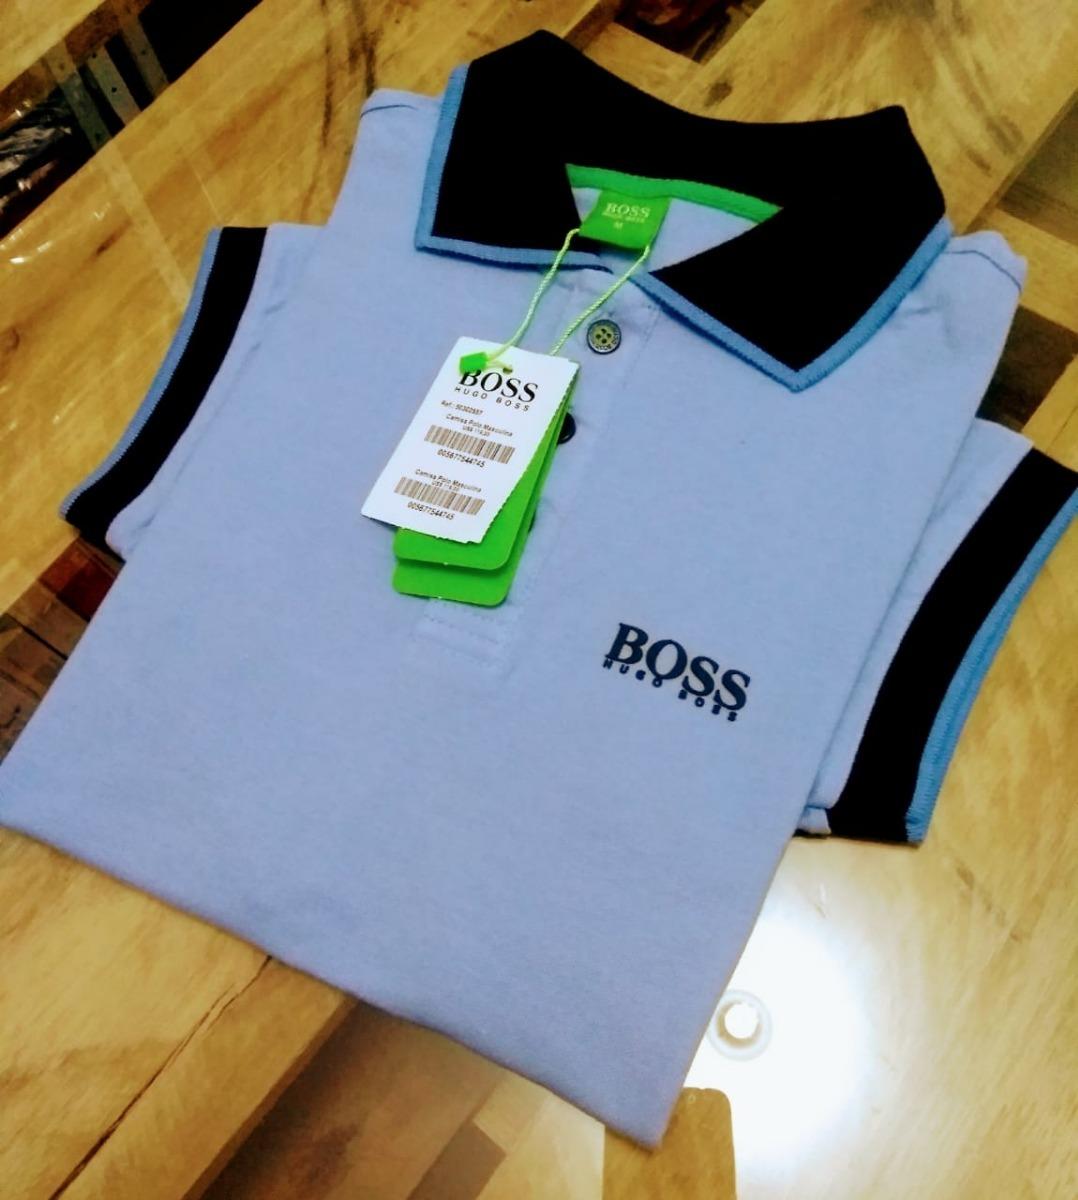 Kit 2 Camisas Polo Masculina Hugo Boss Emborrachada Promoção - R ... 1d3f8cfc0af6d